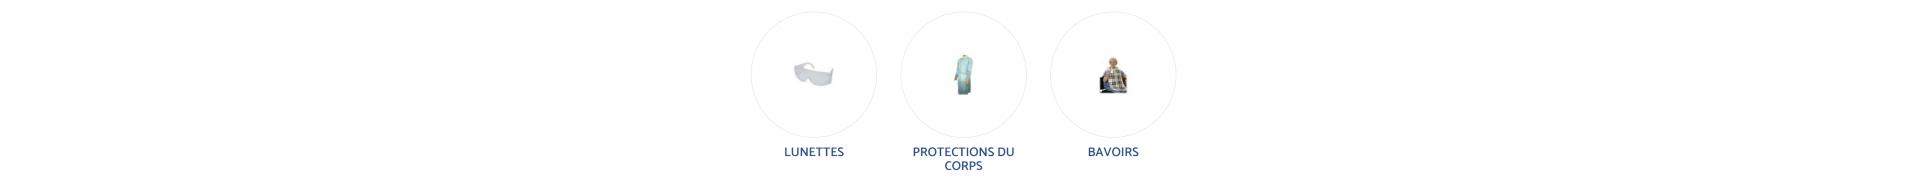 Produits de protection COVID-19